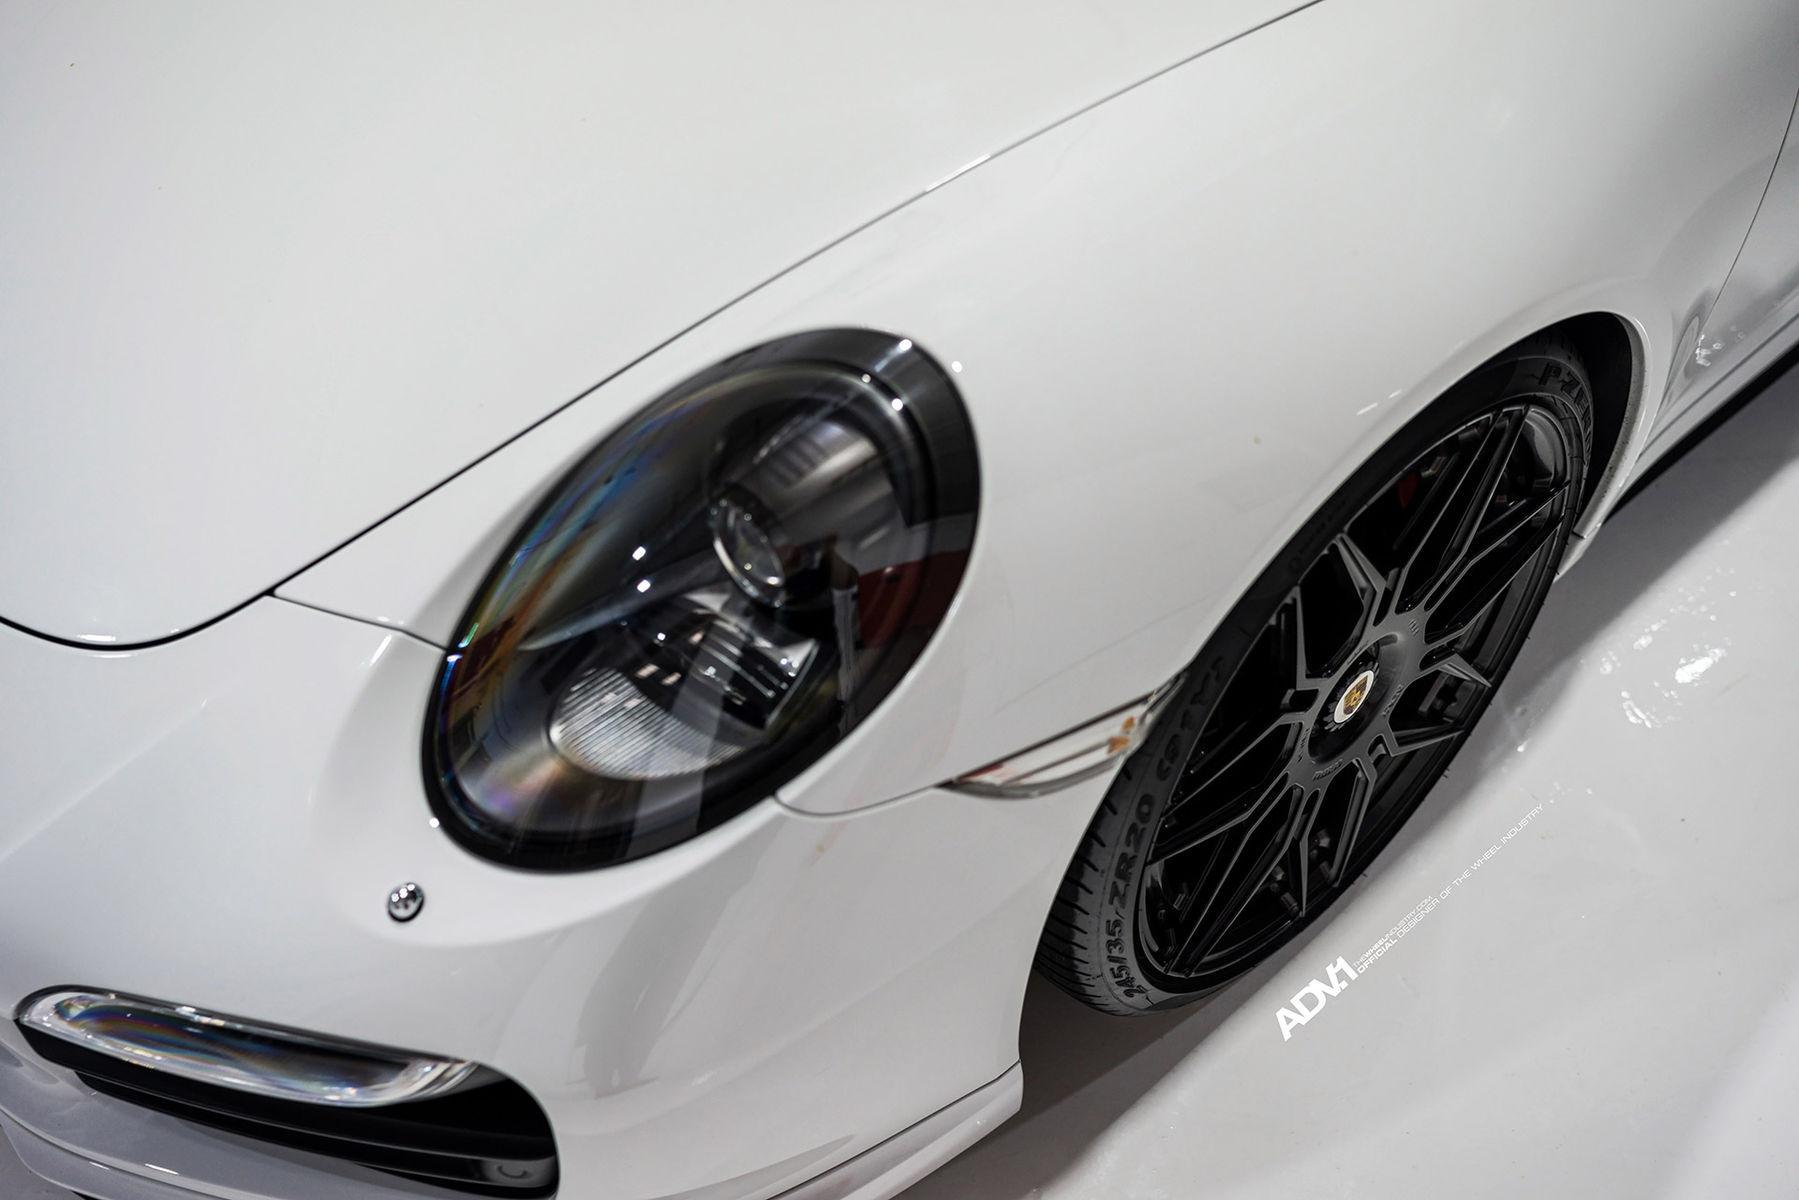 2016 Porsche 911 | Porsche 991 Turbo - ADV7 M.V2 CS